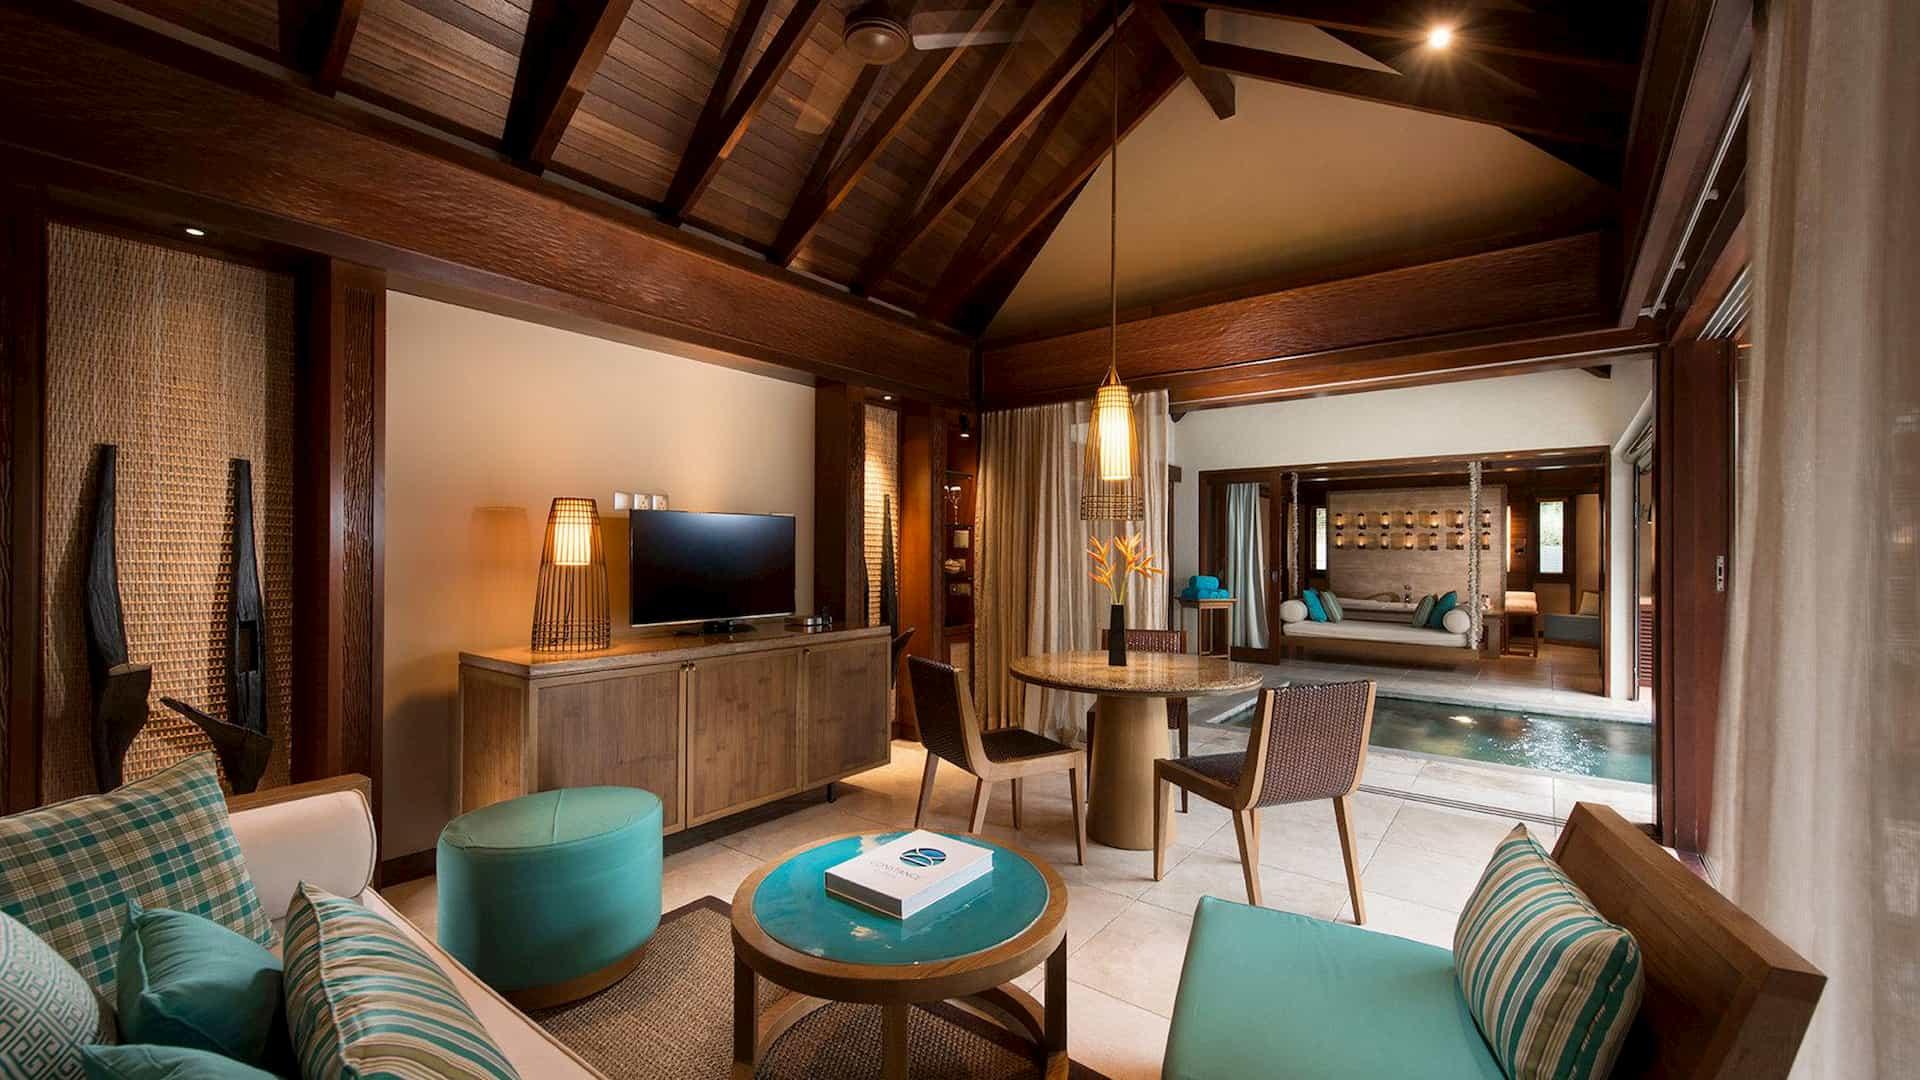 Costance Ephelia family villa - Viaggio di Nozze alle Seychelles